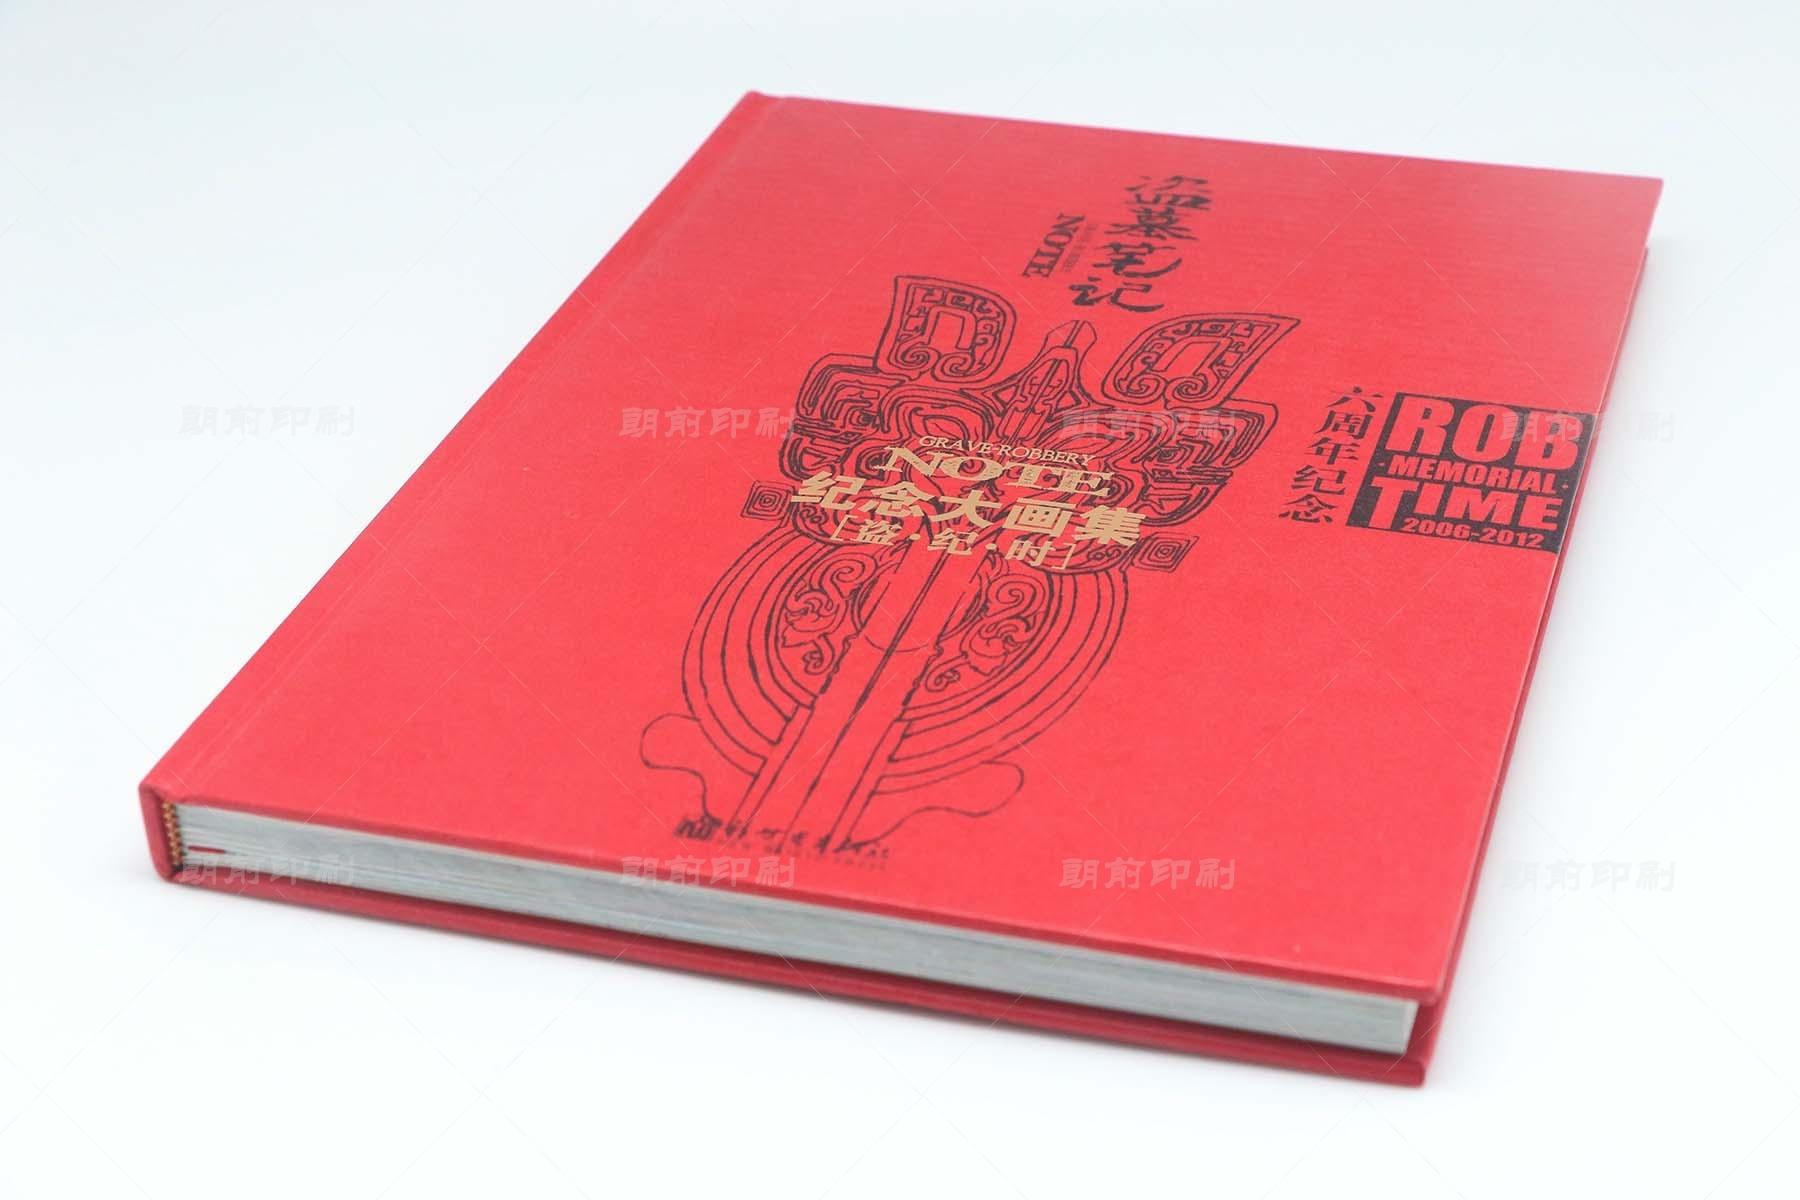 盗墓笔记 硬壳方脊精装书印刷